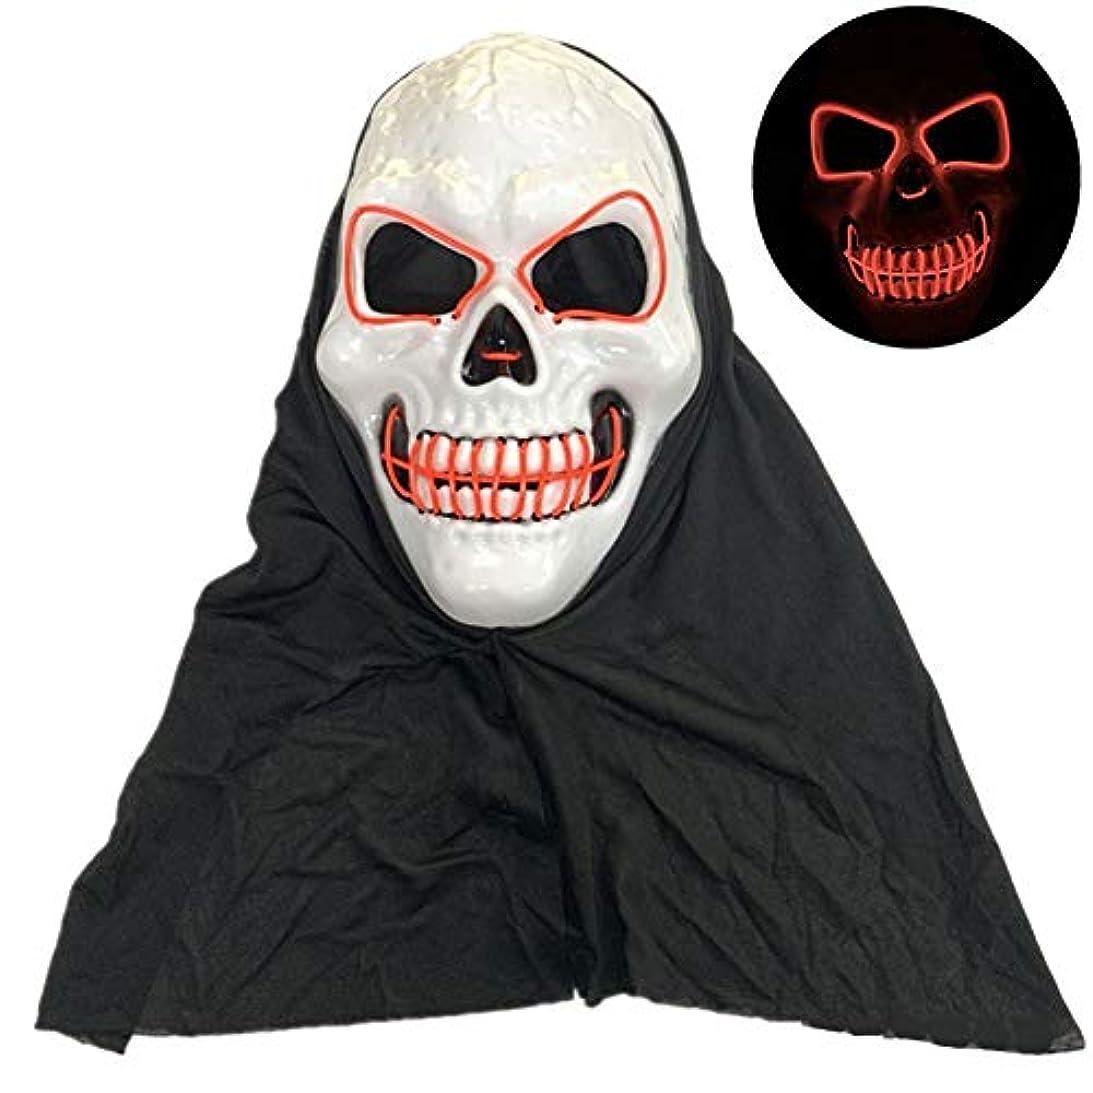 難破船征服する人道的ハロウィーンマスク、しかめっ面、テーマパーティー、カーニバル、ハロウィーン、レイブパーティー、仮面舞踏会などに適しています。